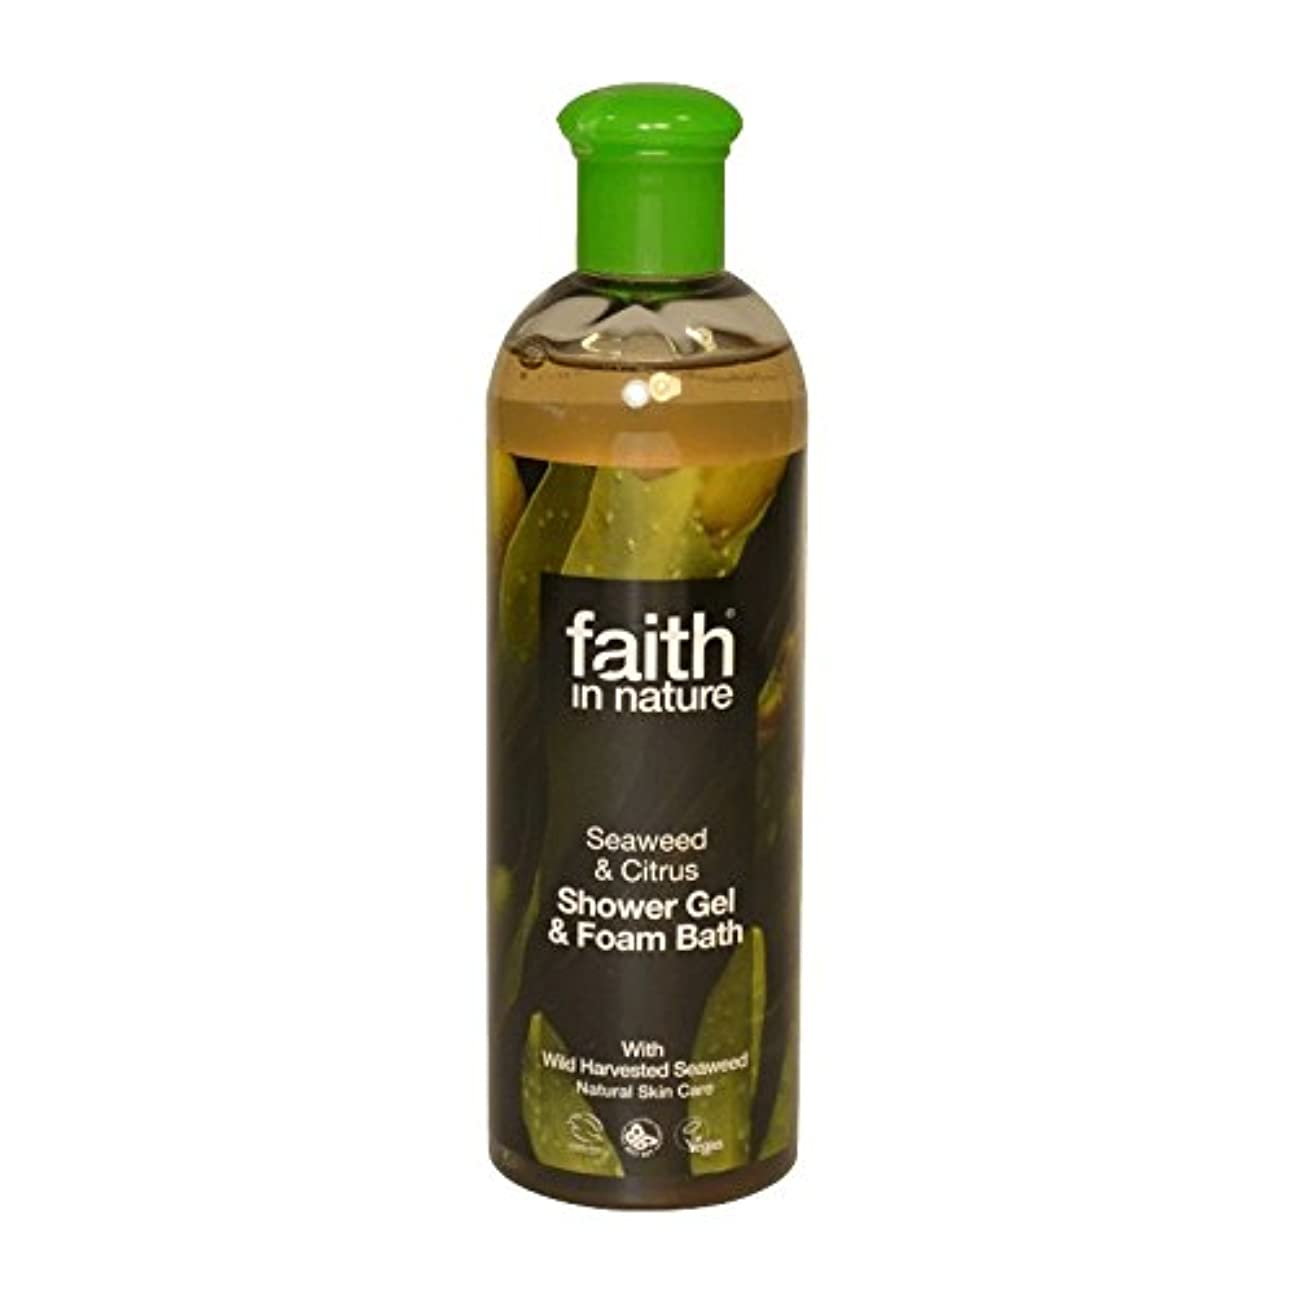 スカーフ収束できたFaith in Nature Seaweed & Citrus Shower Gel & Bath Foam 400ml (Pack of 2) - 自然の海藻&シトラスシャワージェル&バス泡400ミリリットルの信仰...